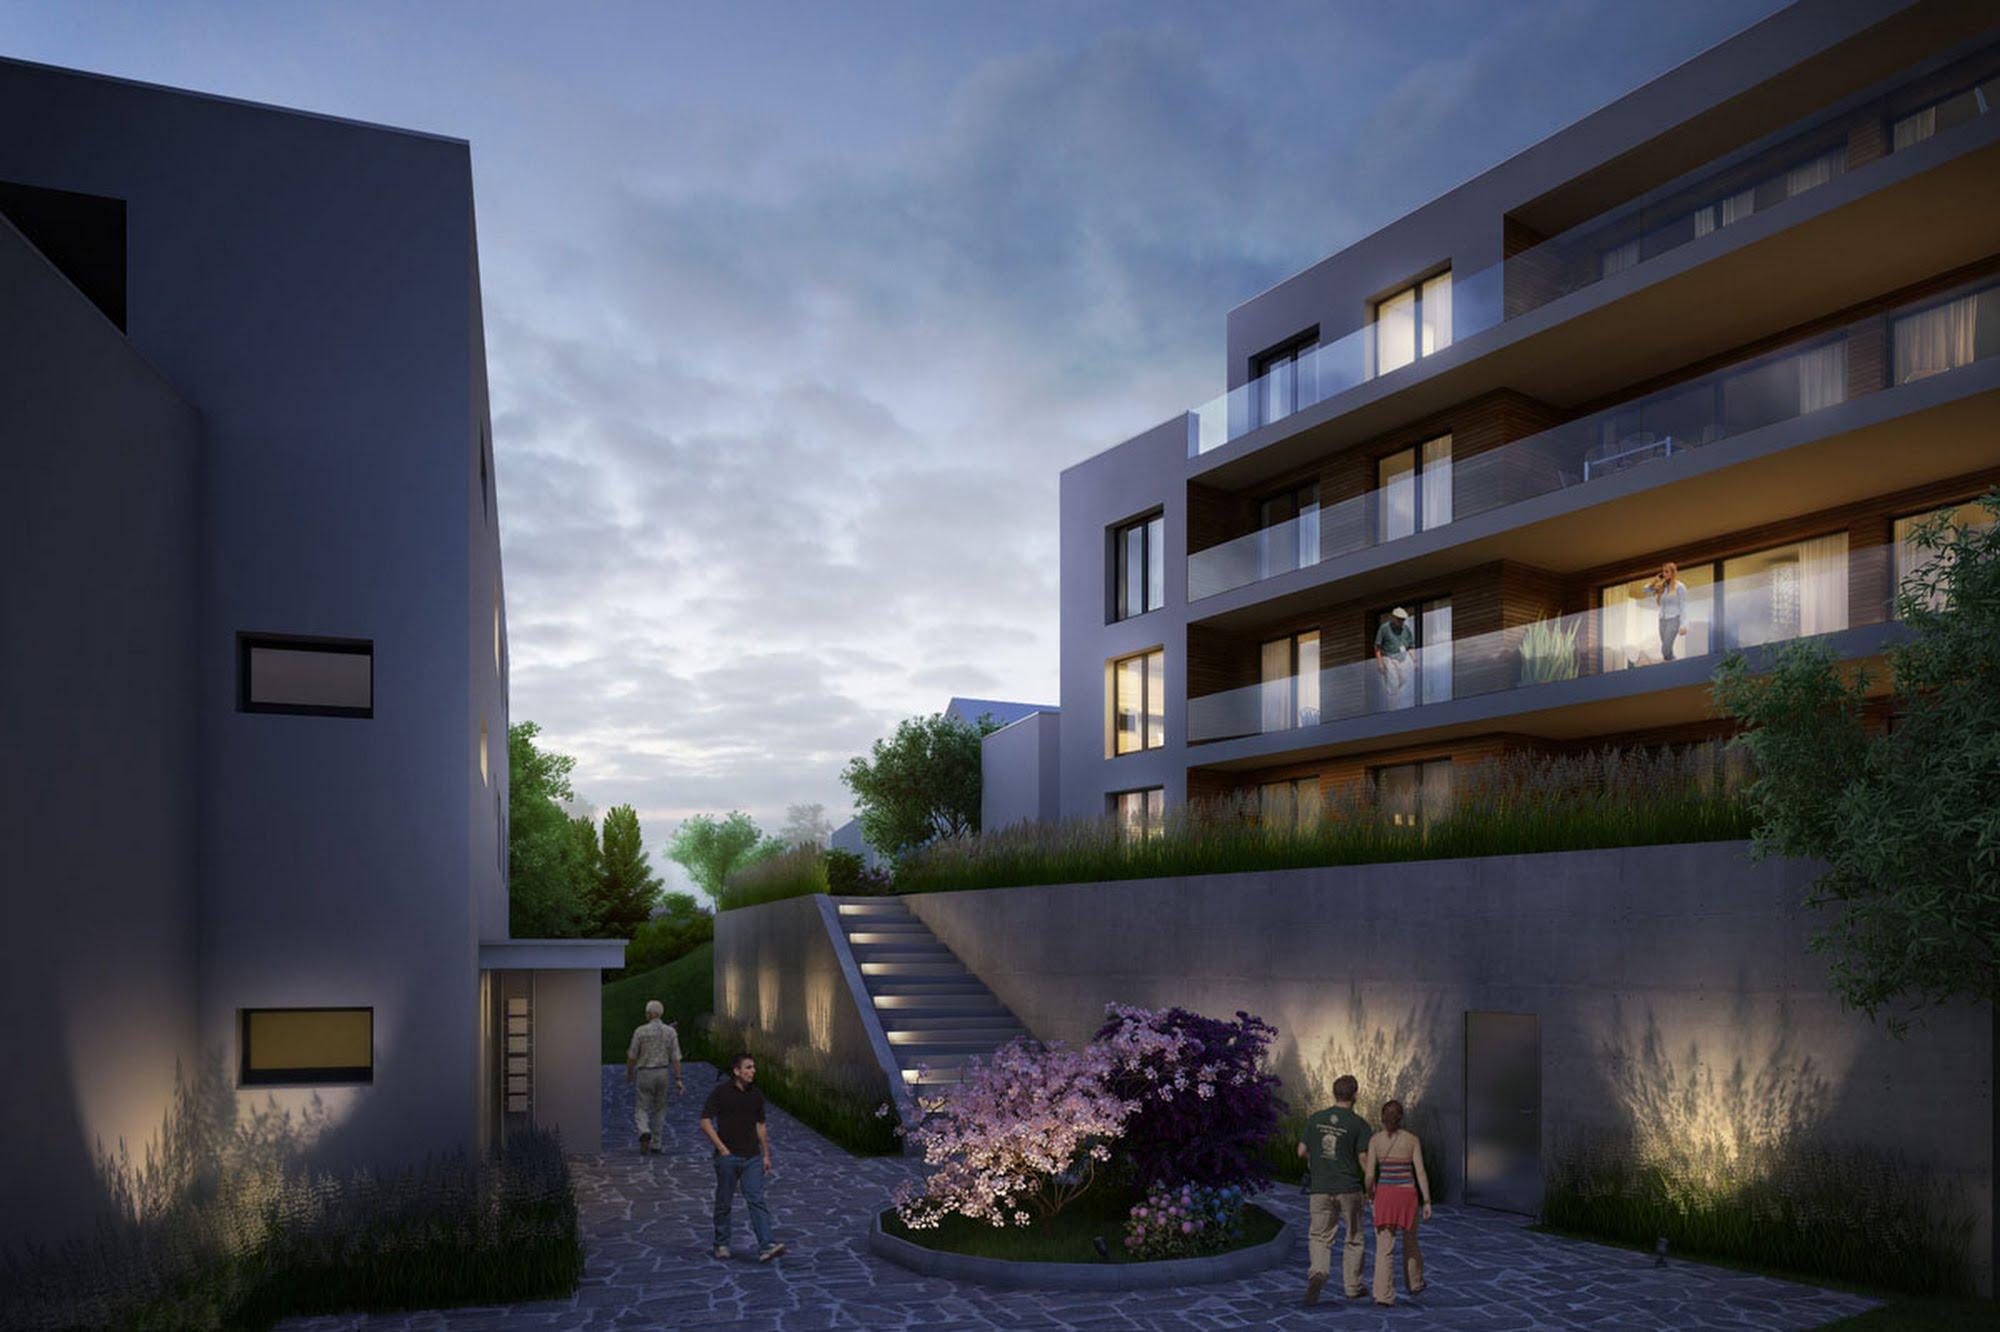 Wohnen MFH 2 MFH in Schenkon Architektur,Wohnungsbau,Wohnhäuser,Einfamilienhäuser,Mehrfamilienhäuser